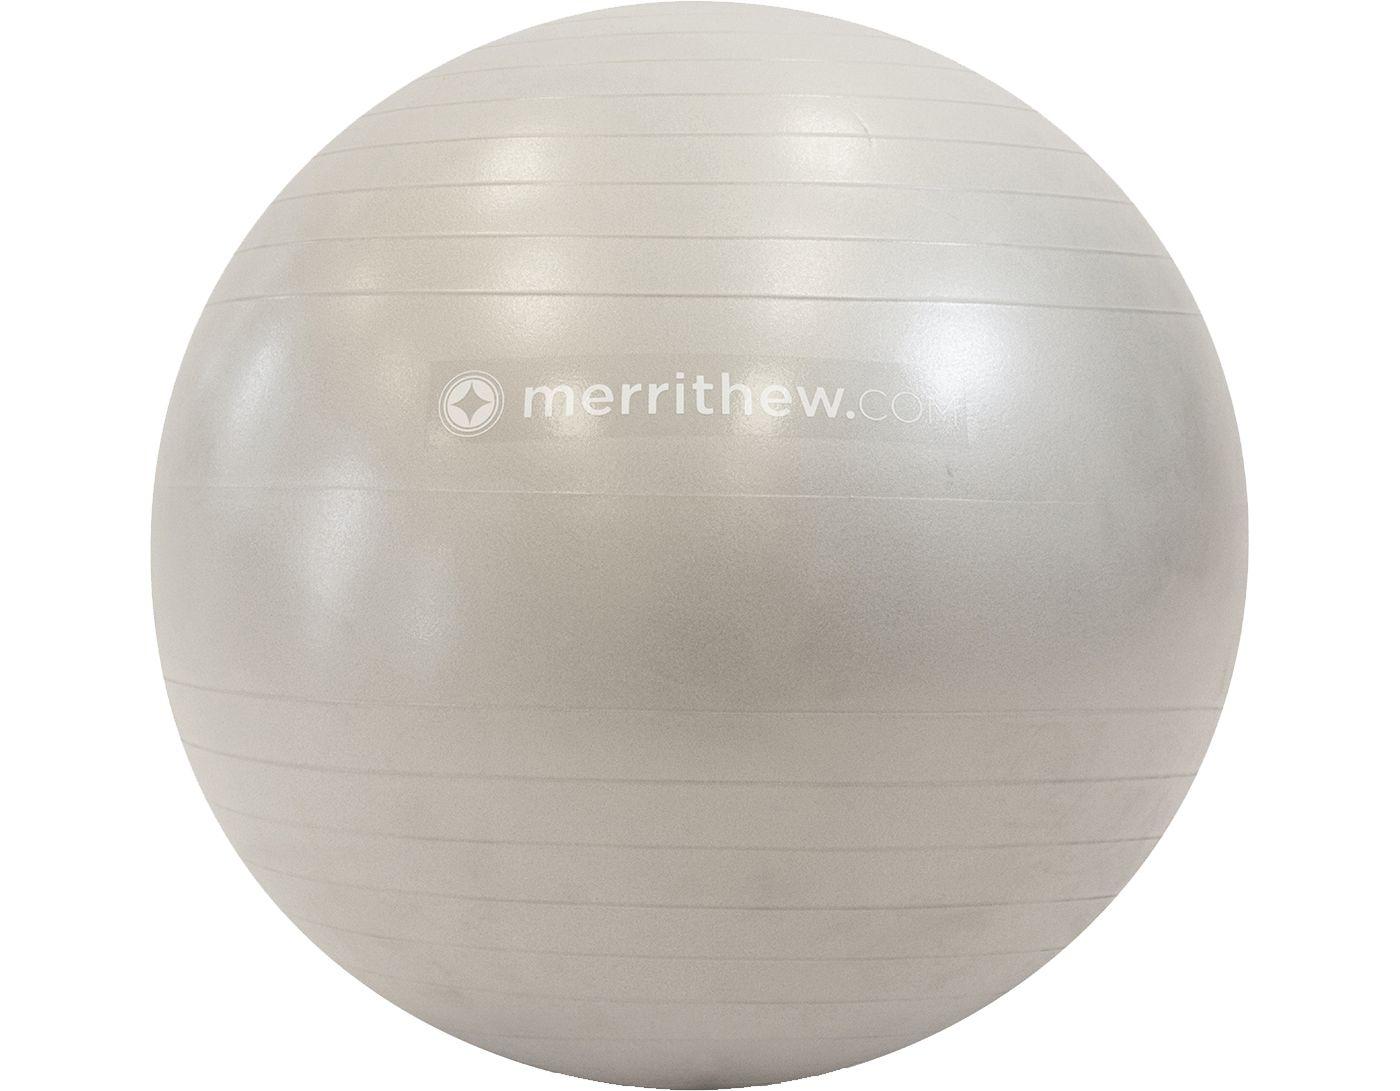 STOTT PILATES 65 cm Stability Ball